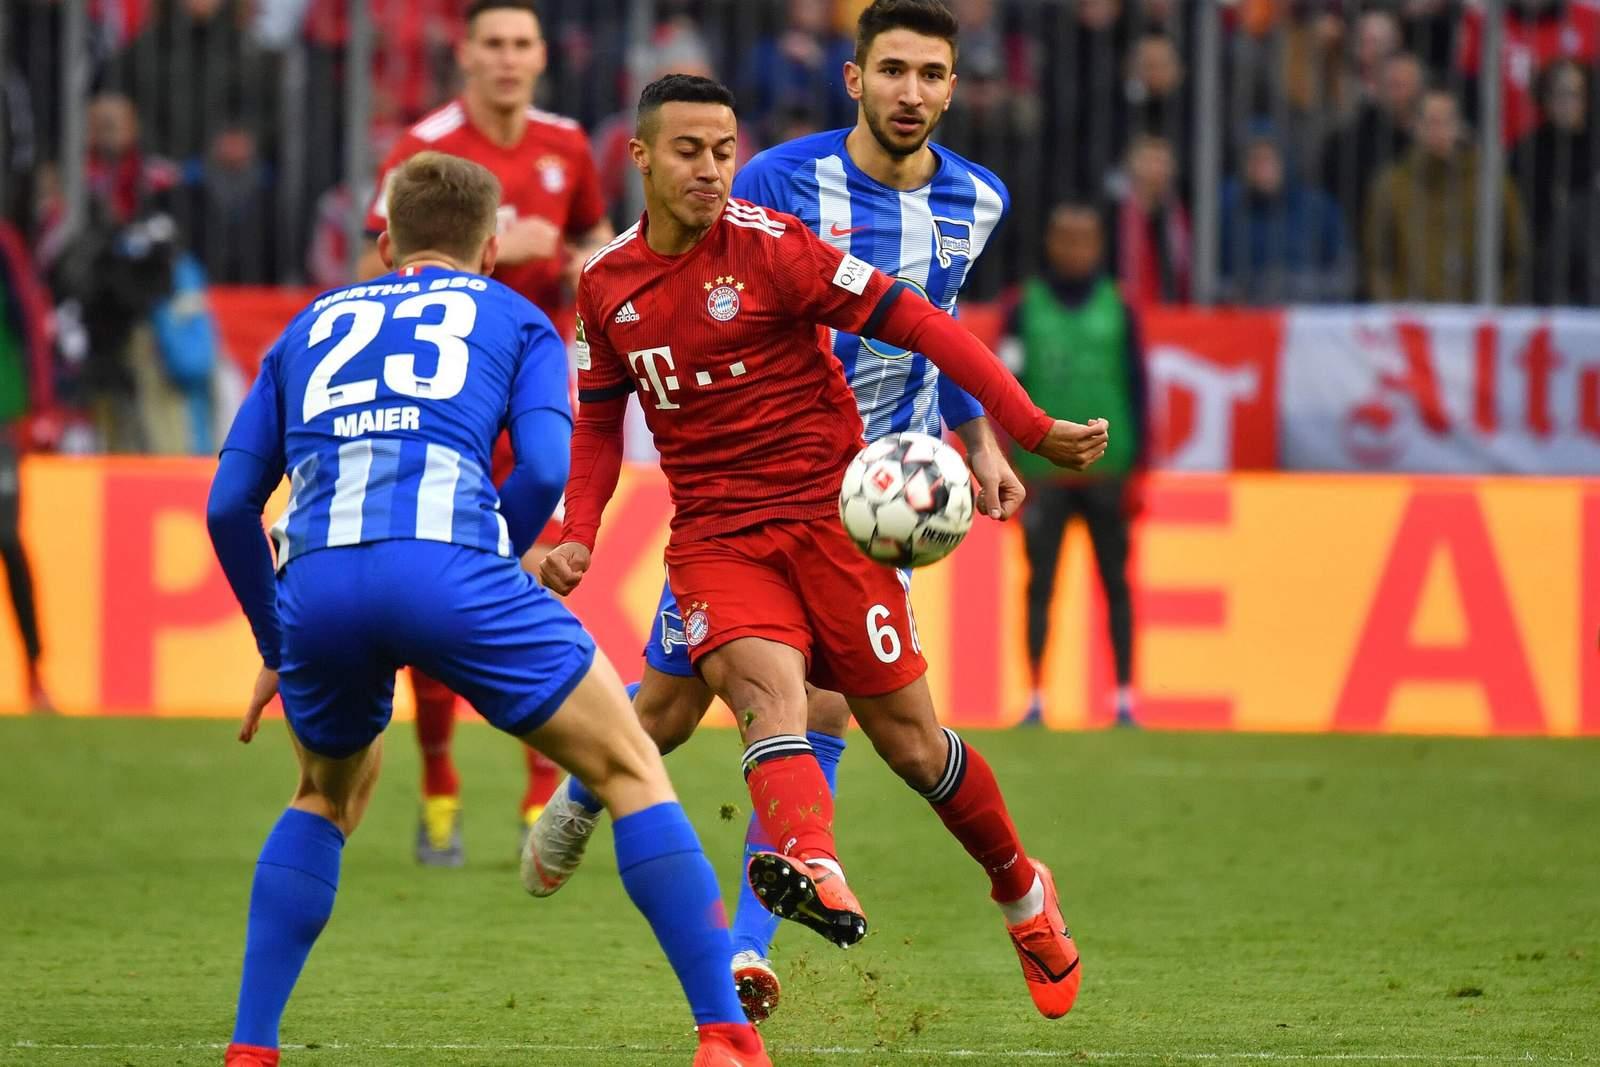 Setzt sich Thiago gegen Maier durch? Unser Wett Tipp: Bayern gewinnt gegen Hertha